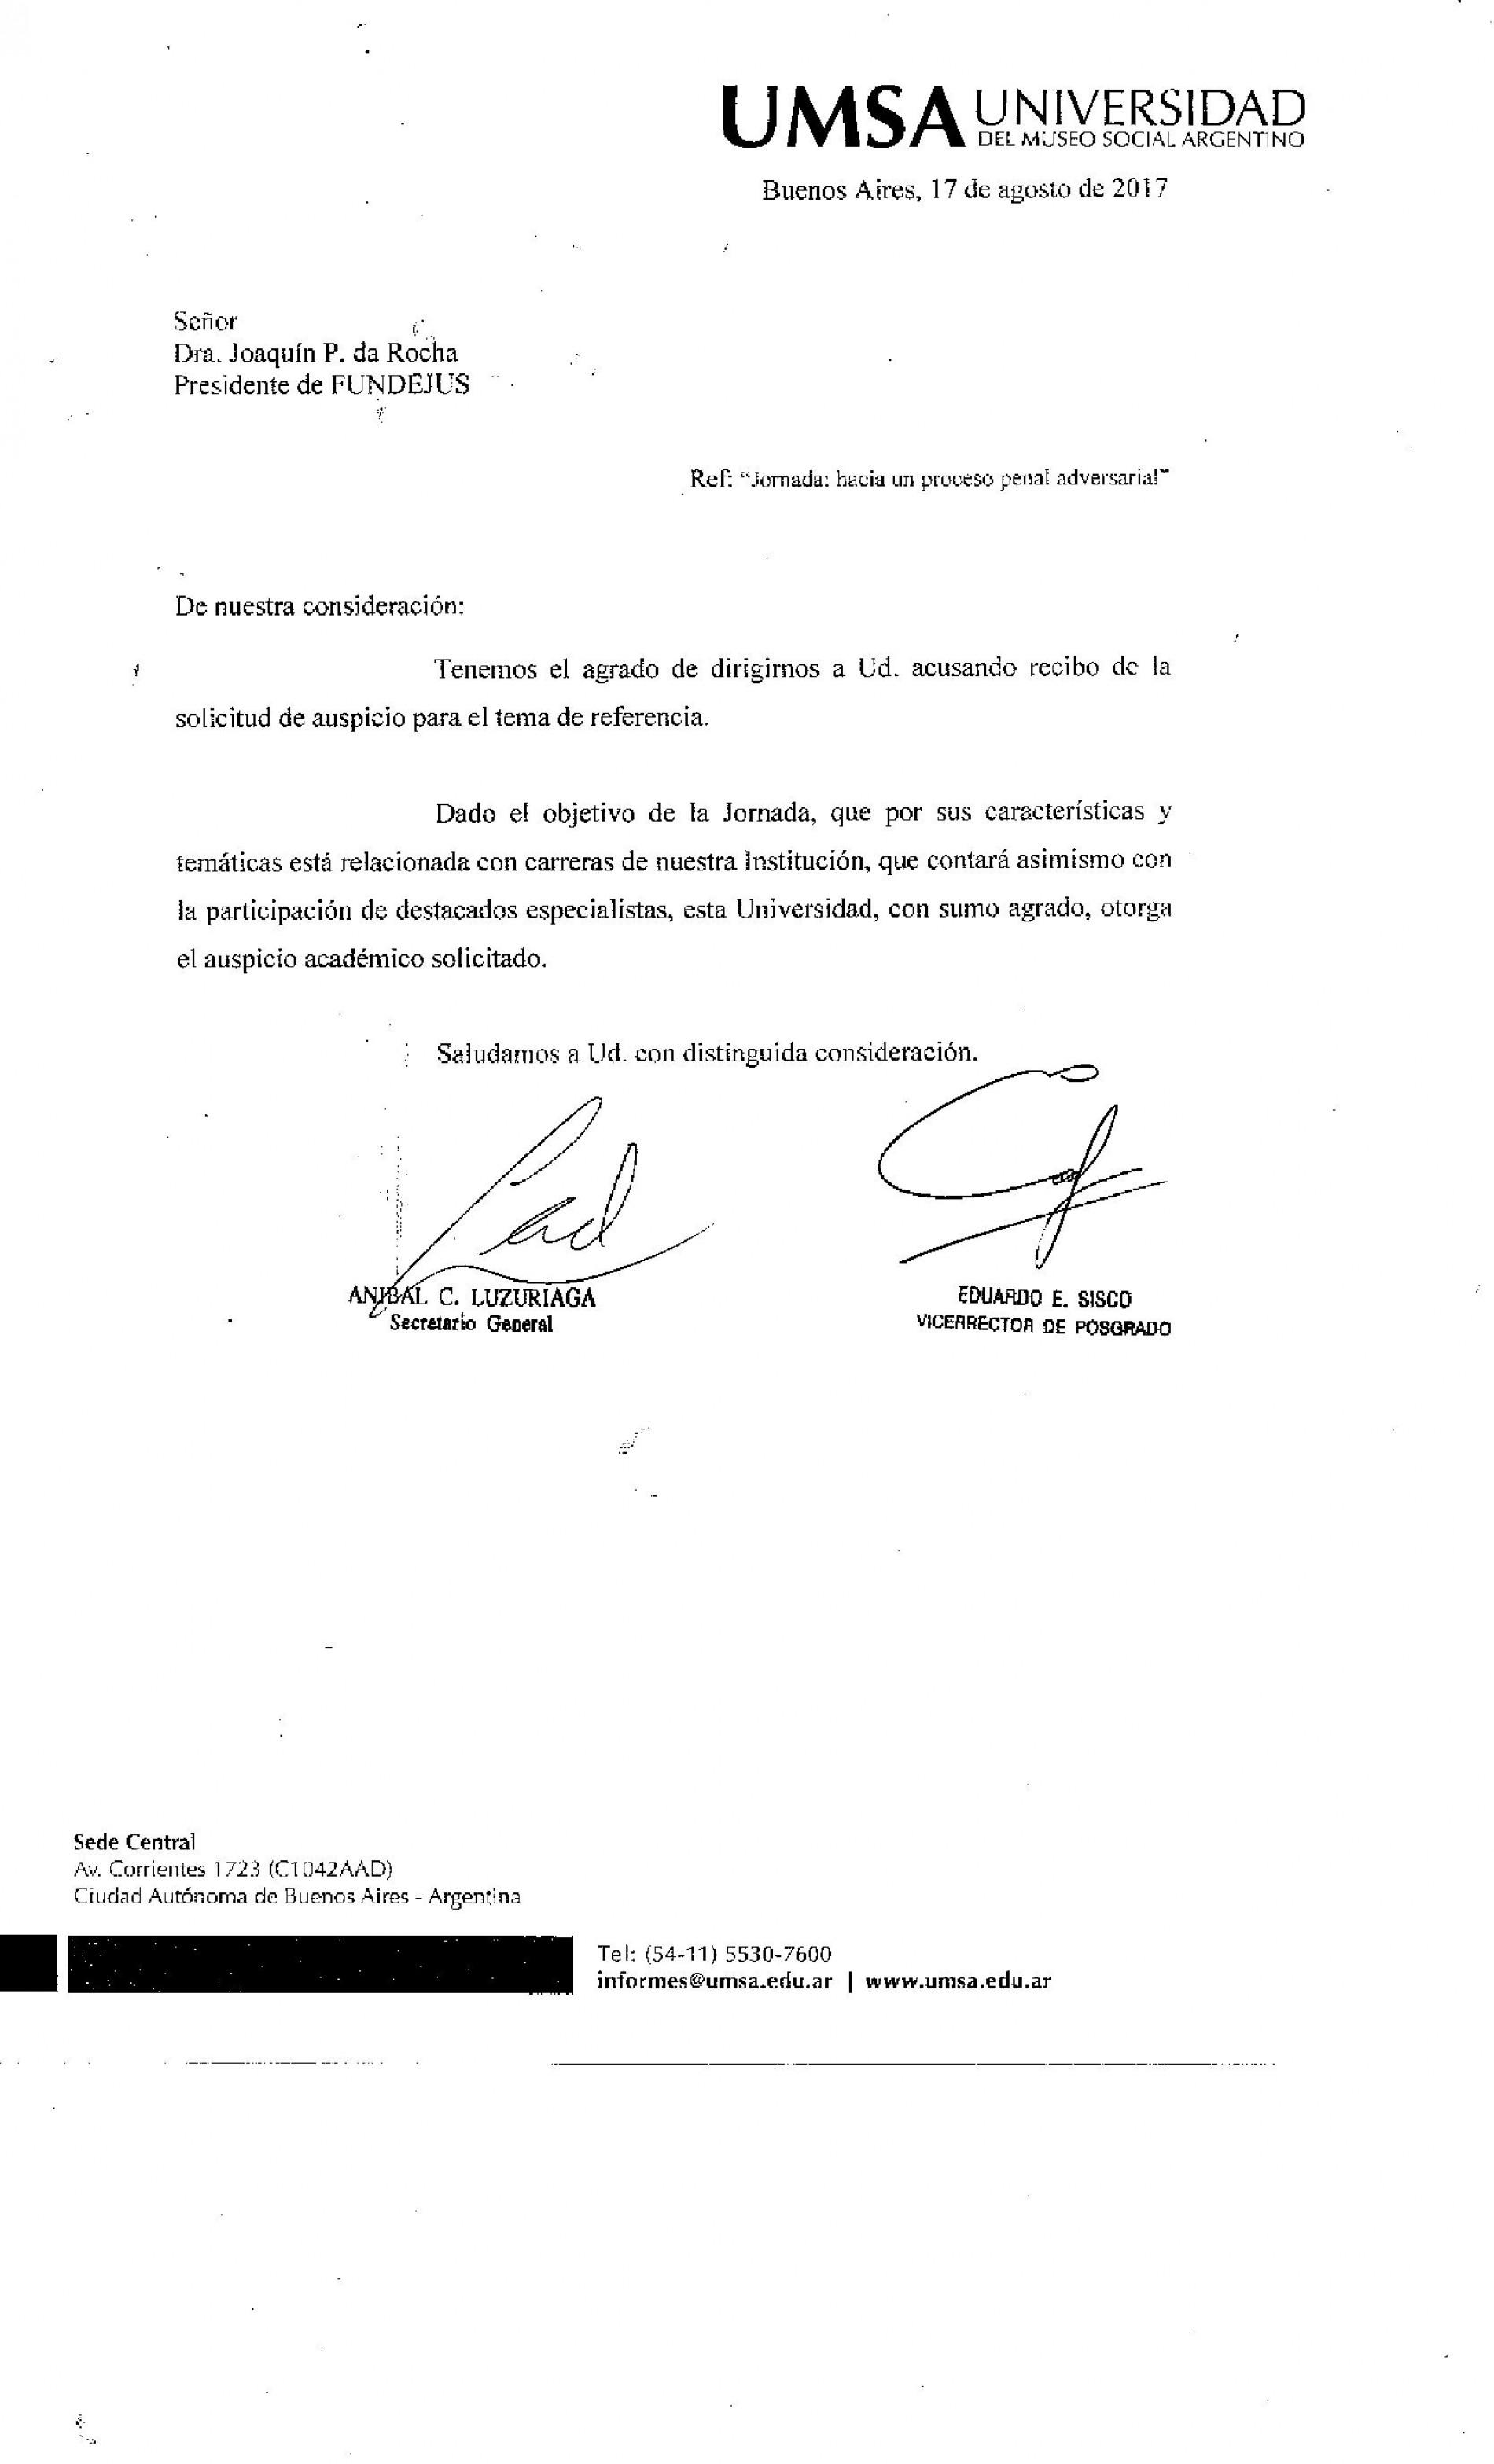 » Hacia un proceso penal adversarial «: Declaración de interés de UMSA